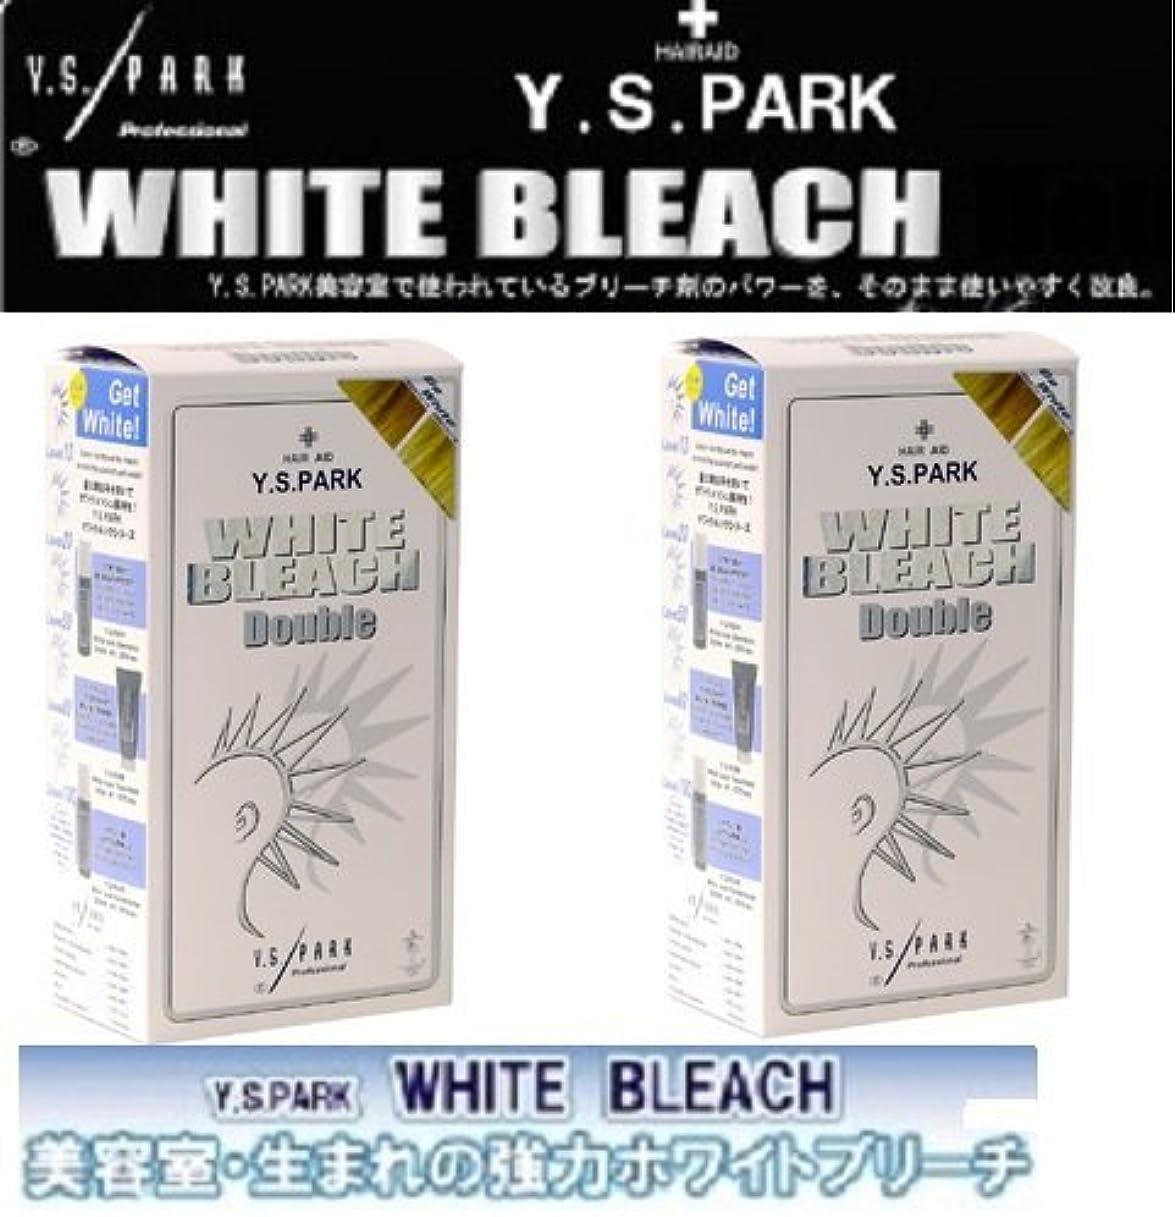 ホップカウント失礼なY.S.パーク ホワイトブリーチ ダブル60g(お得な2個組)美容室生まれの強力ホワイトブリーチ?強力ホワイトブリーチに大容量サイズが登場!